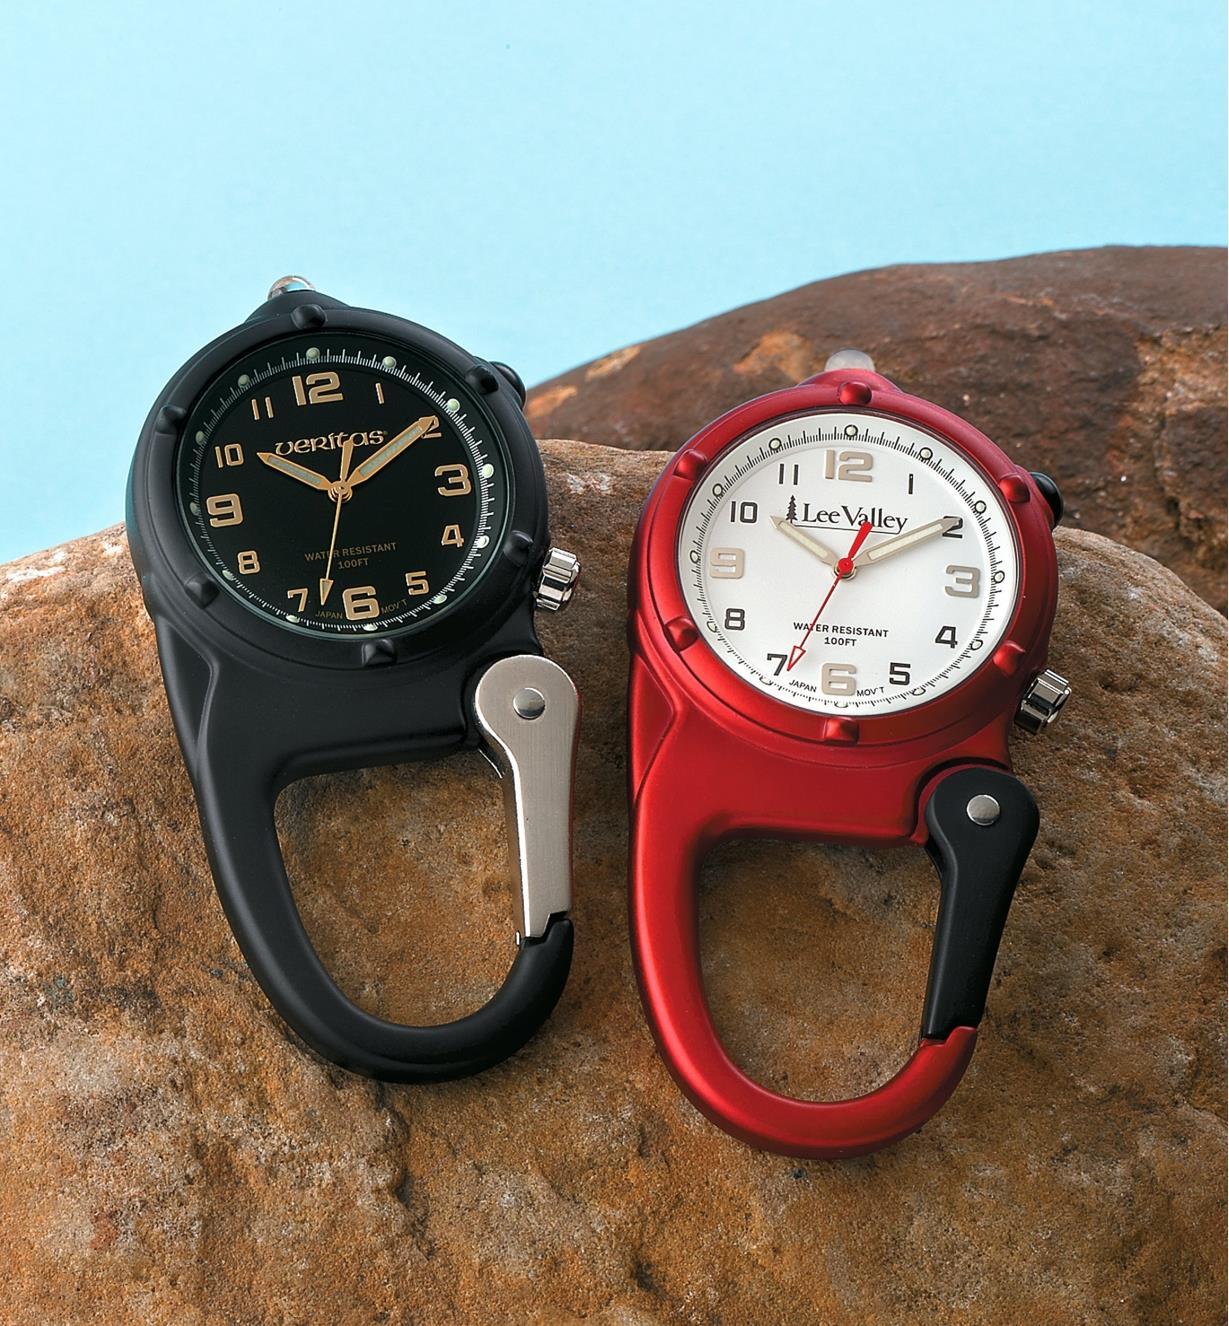 Lee Valley & Veritas Carabiner Watches